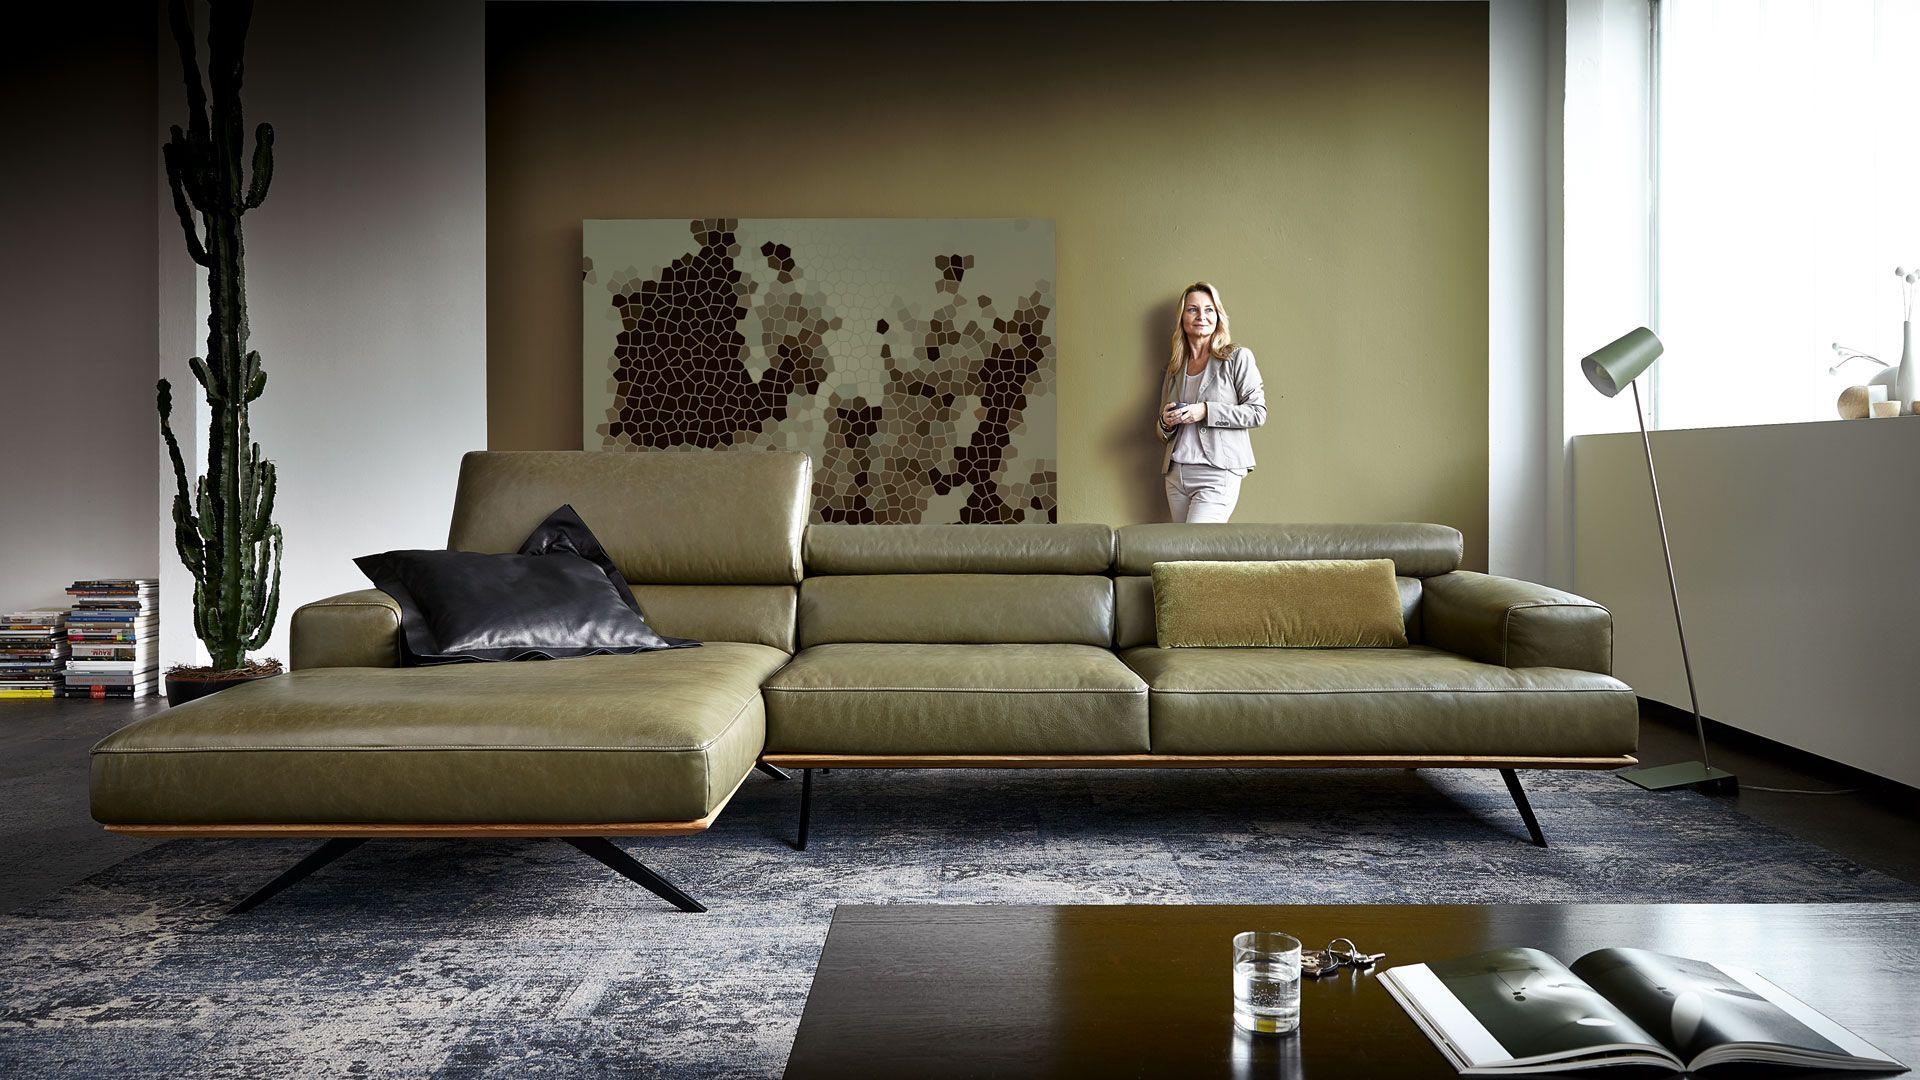 Polstermöbel Italienisches Design am besten Moderne Möbel Und Design